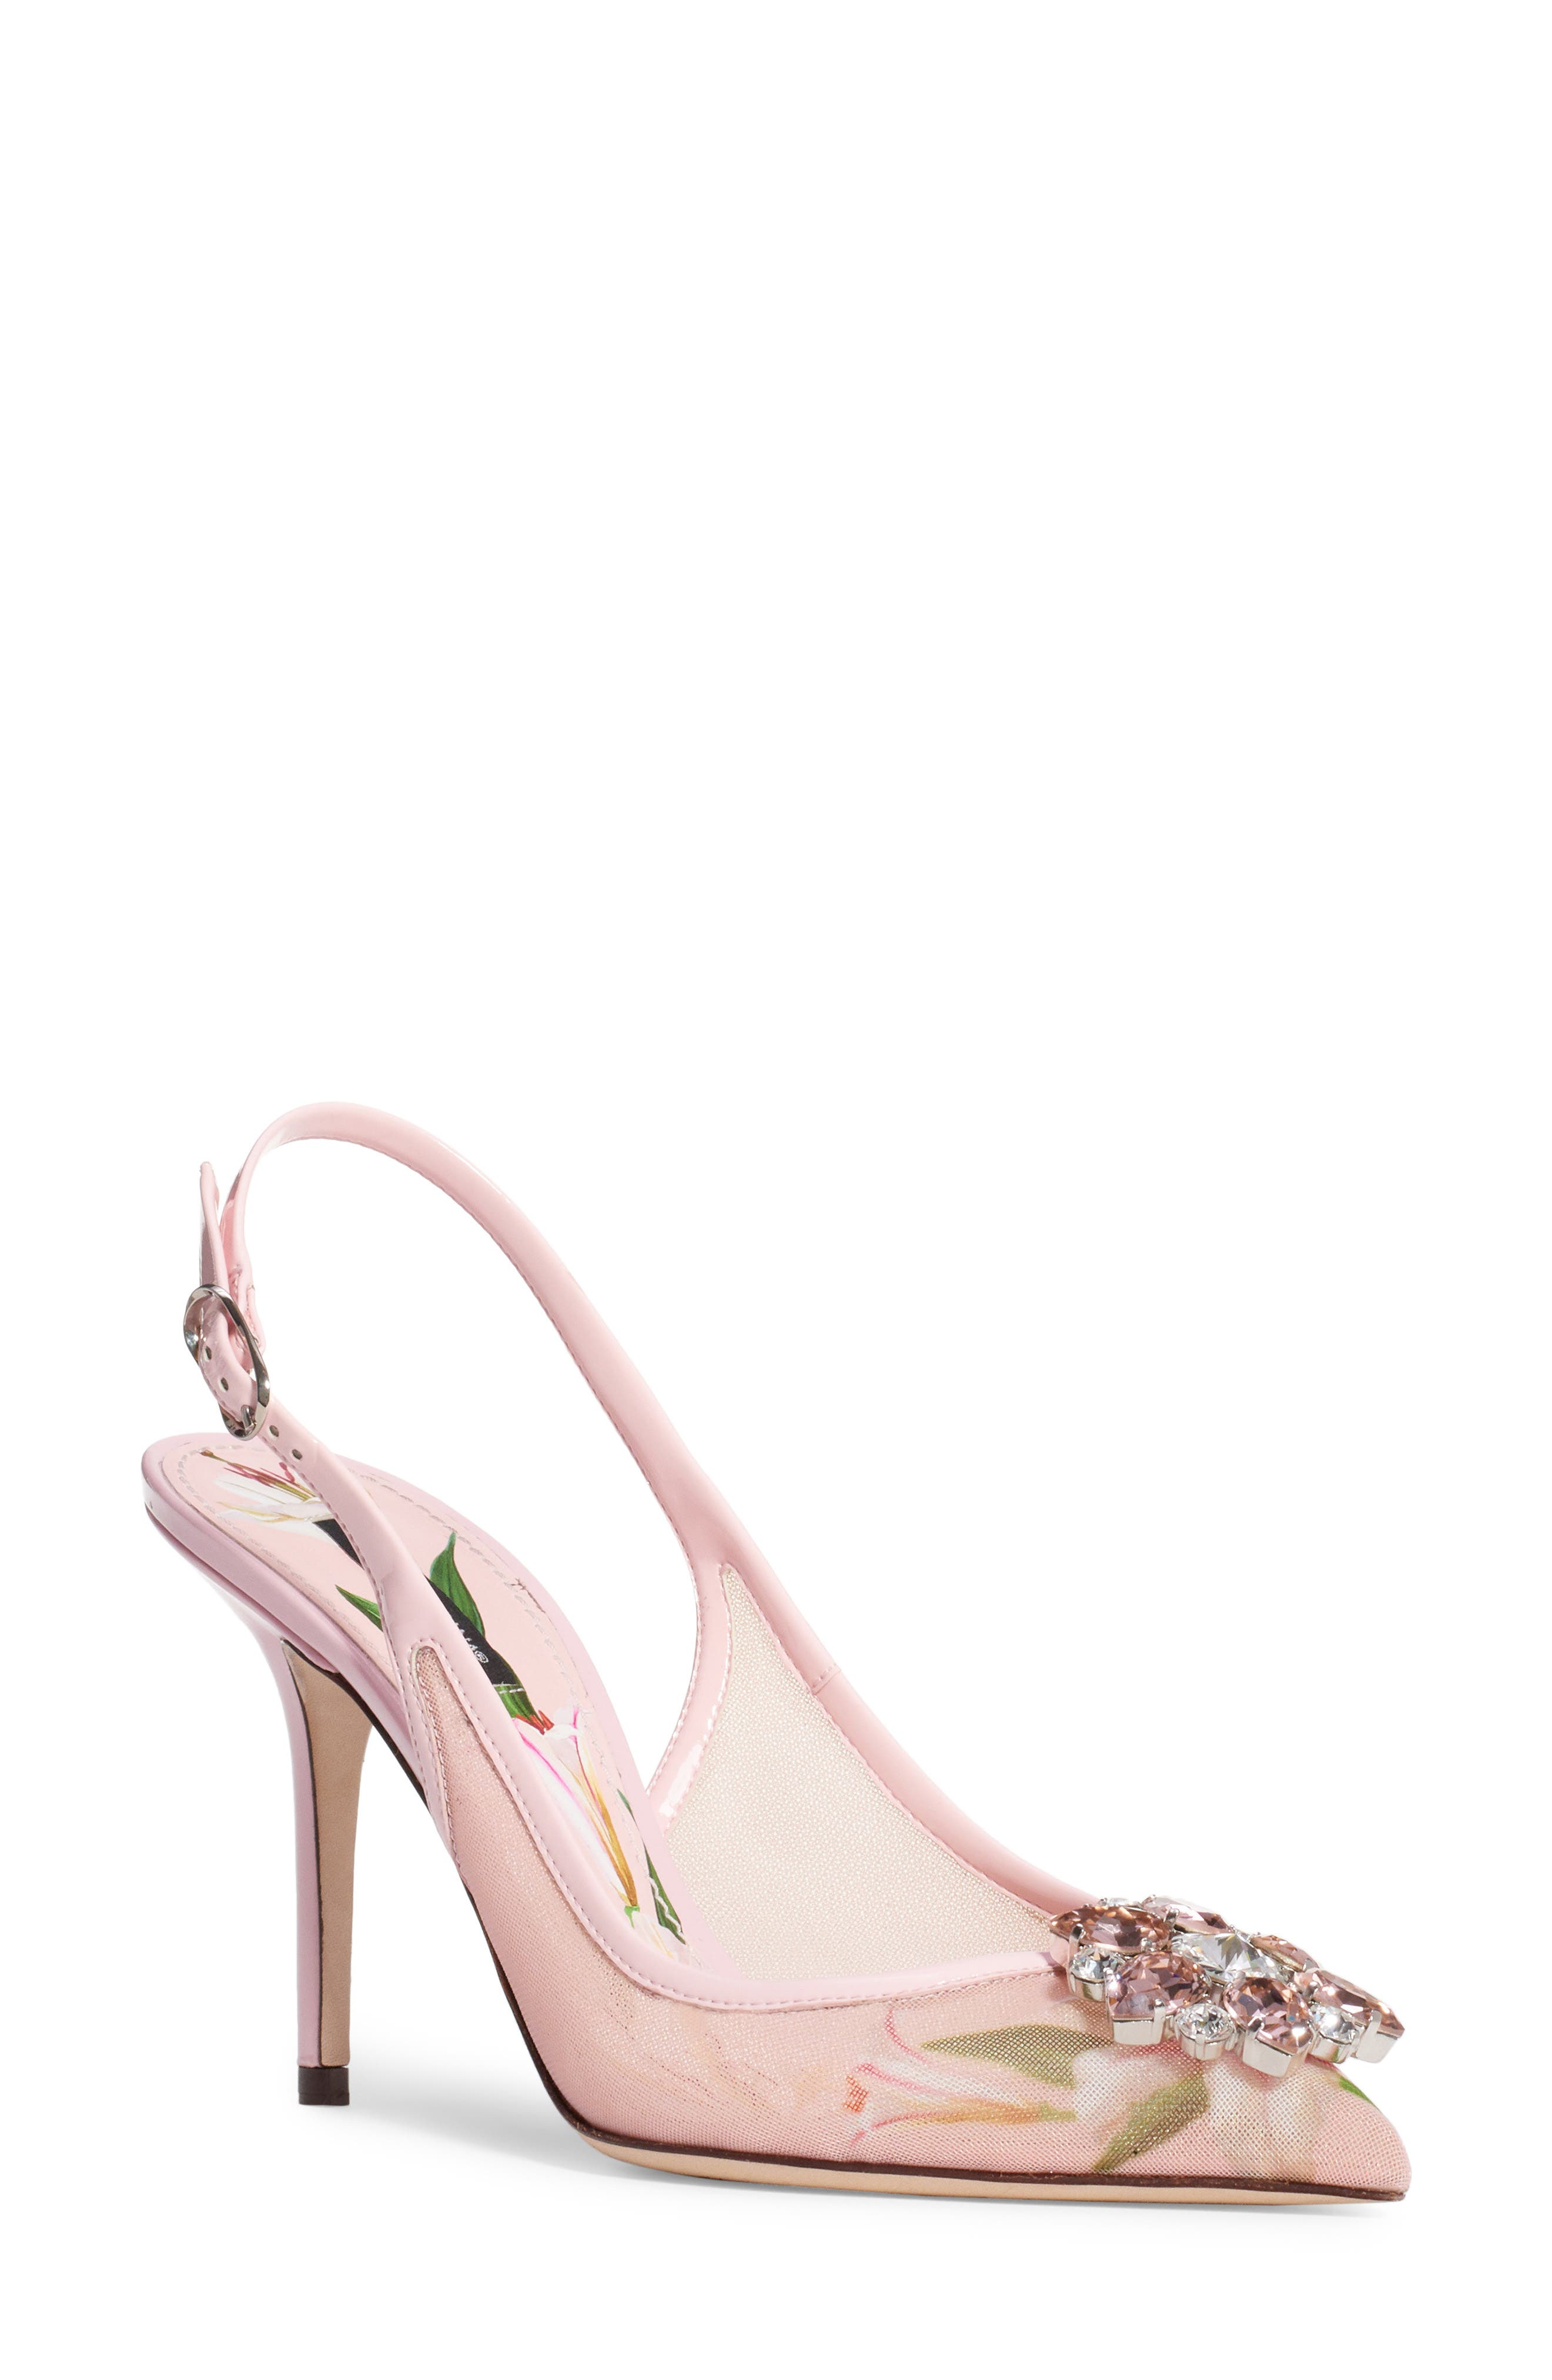 Dolce & gabbana Floral Crystal Slingback Pump, Pink